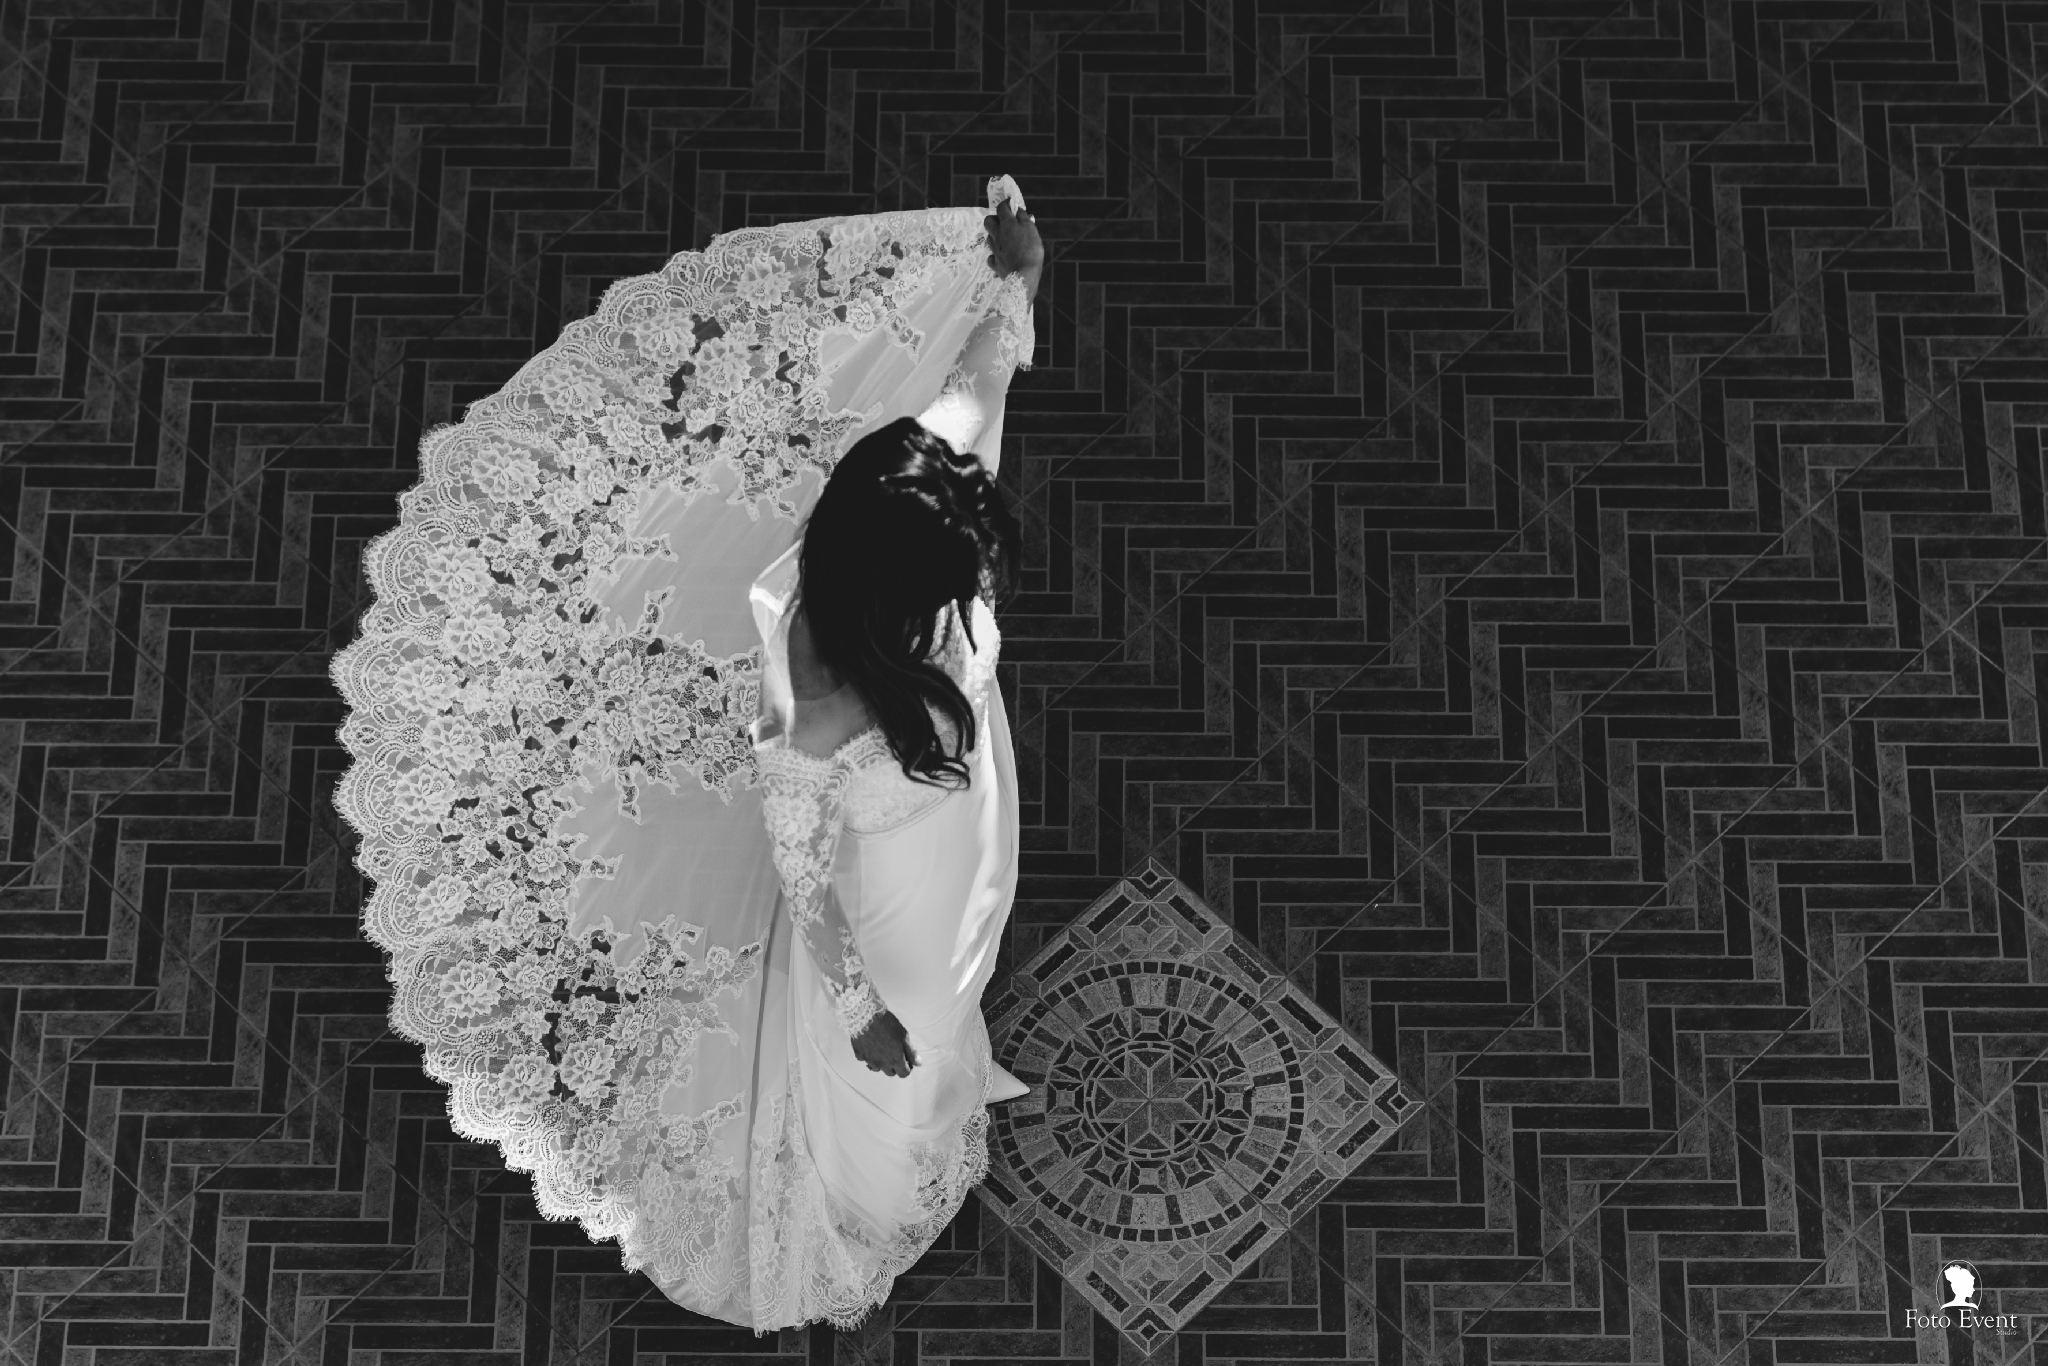 359-2019-05-09-Matrimonio-Maria-Concetta-e-Daniel-Gebbia-35mm-329